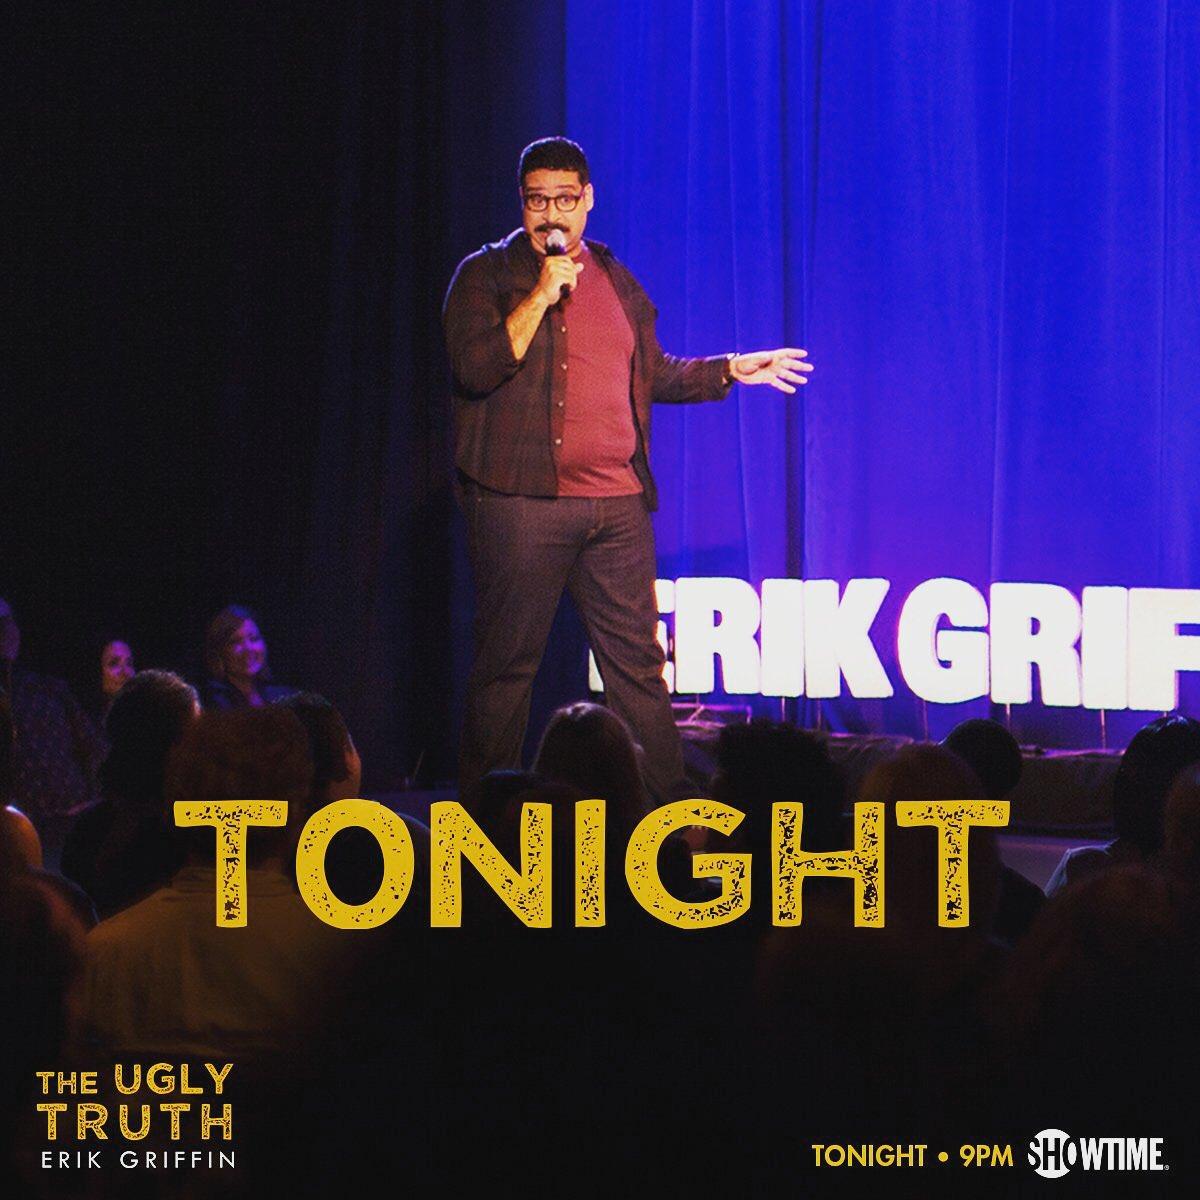 Watch my buddy @ErikGriffin make them laugh tonight! Congrats buddy https://t.co/xCMItWnpgv